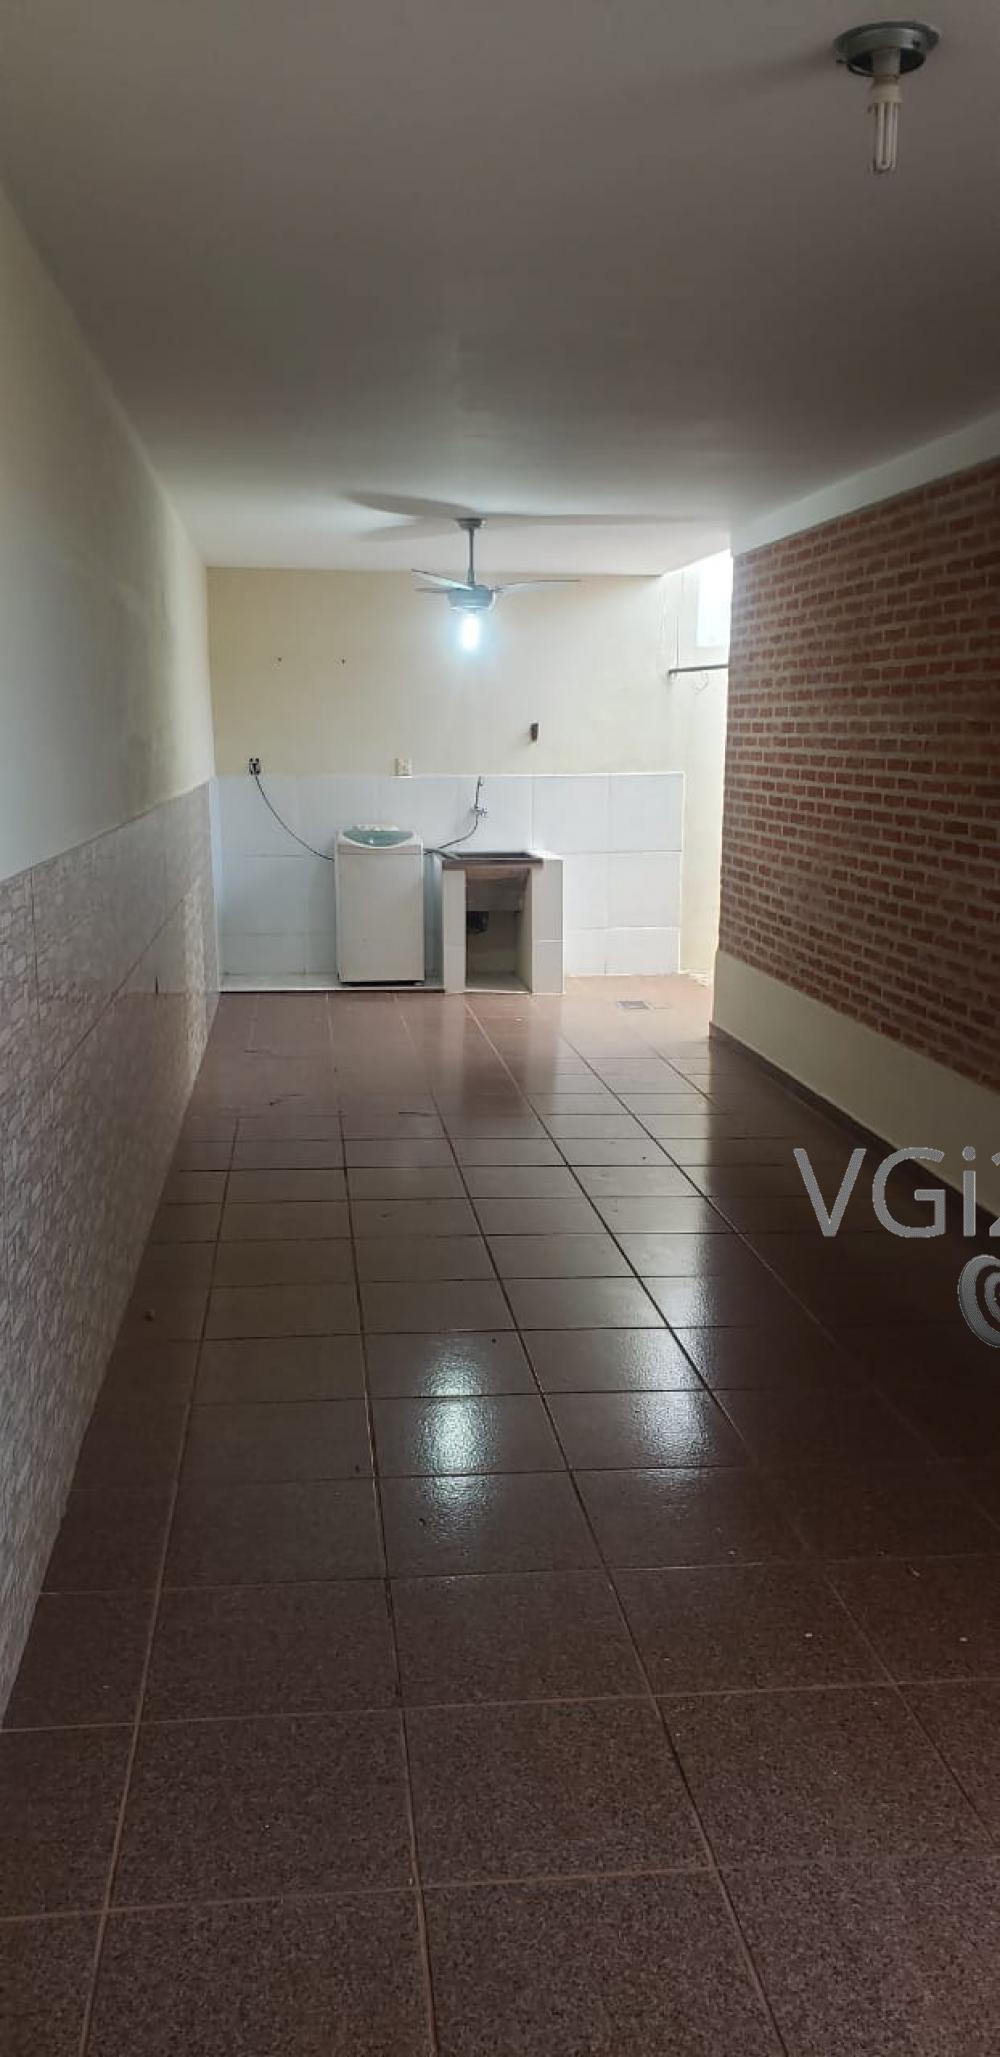 Comprar Casa / Padrão em Ribeirão Preto R$ 435.000,00 - Foto 7